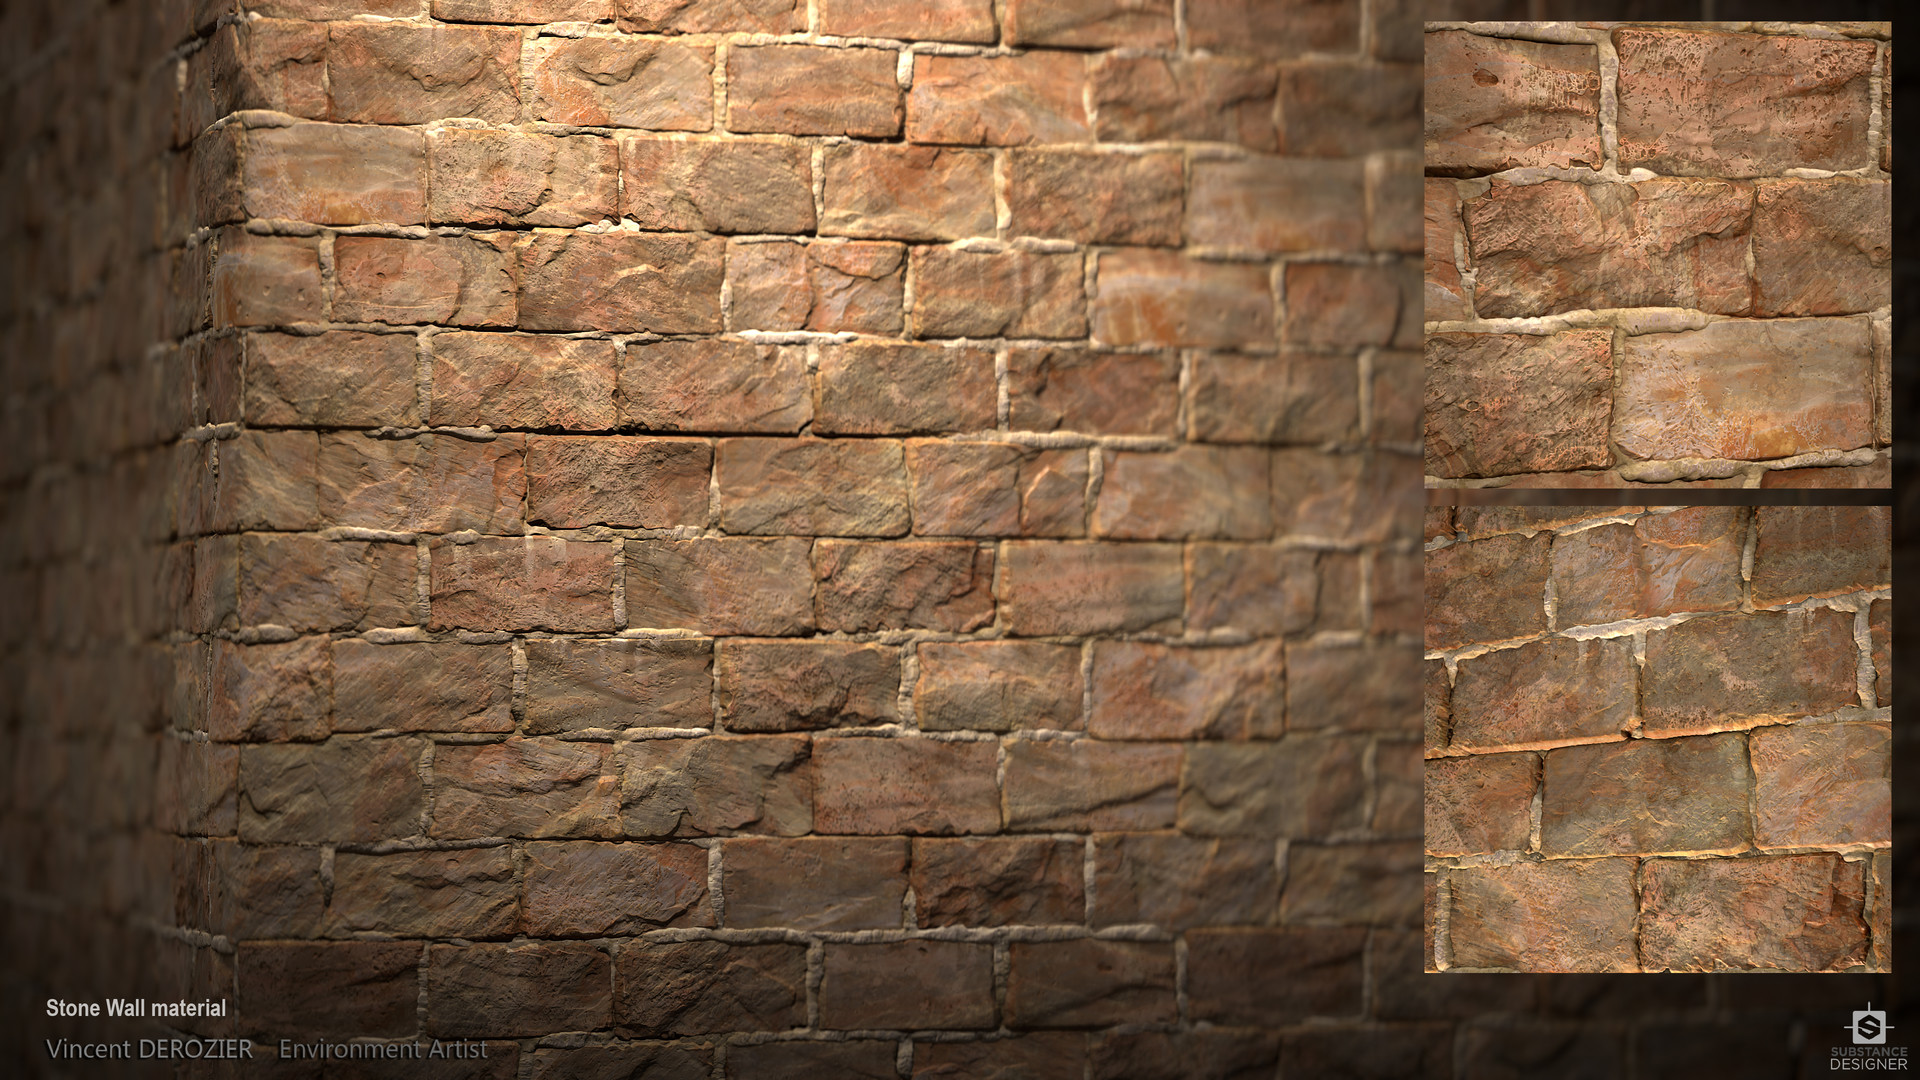 Vincent derozier stonewall 4